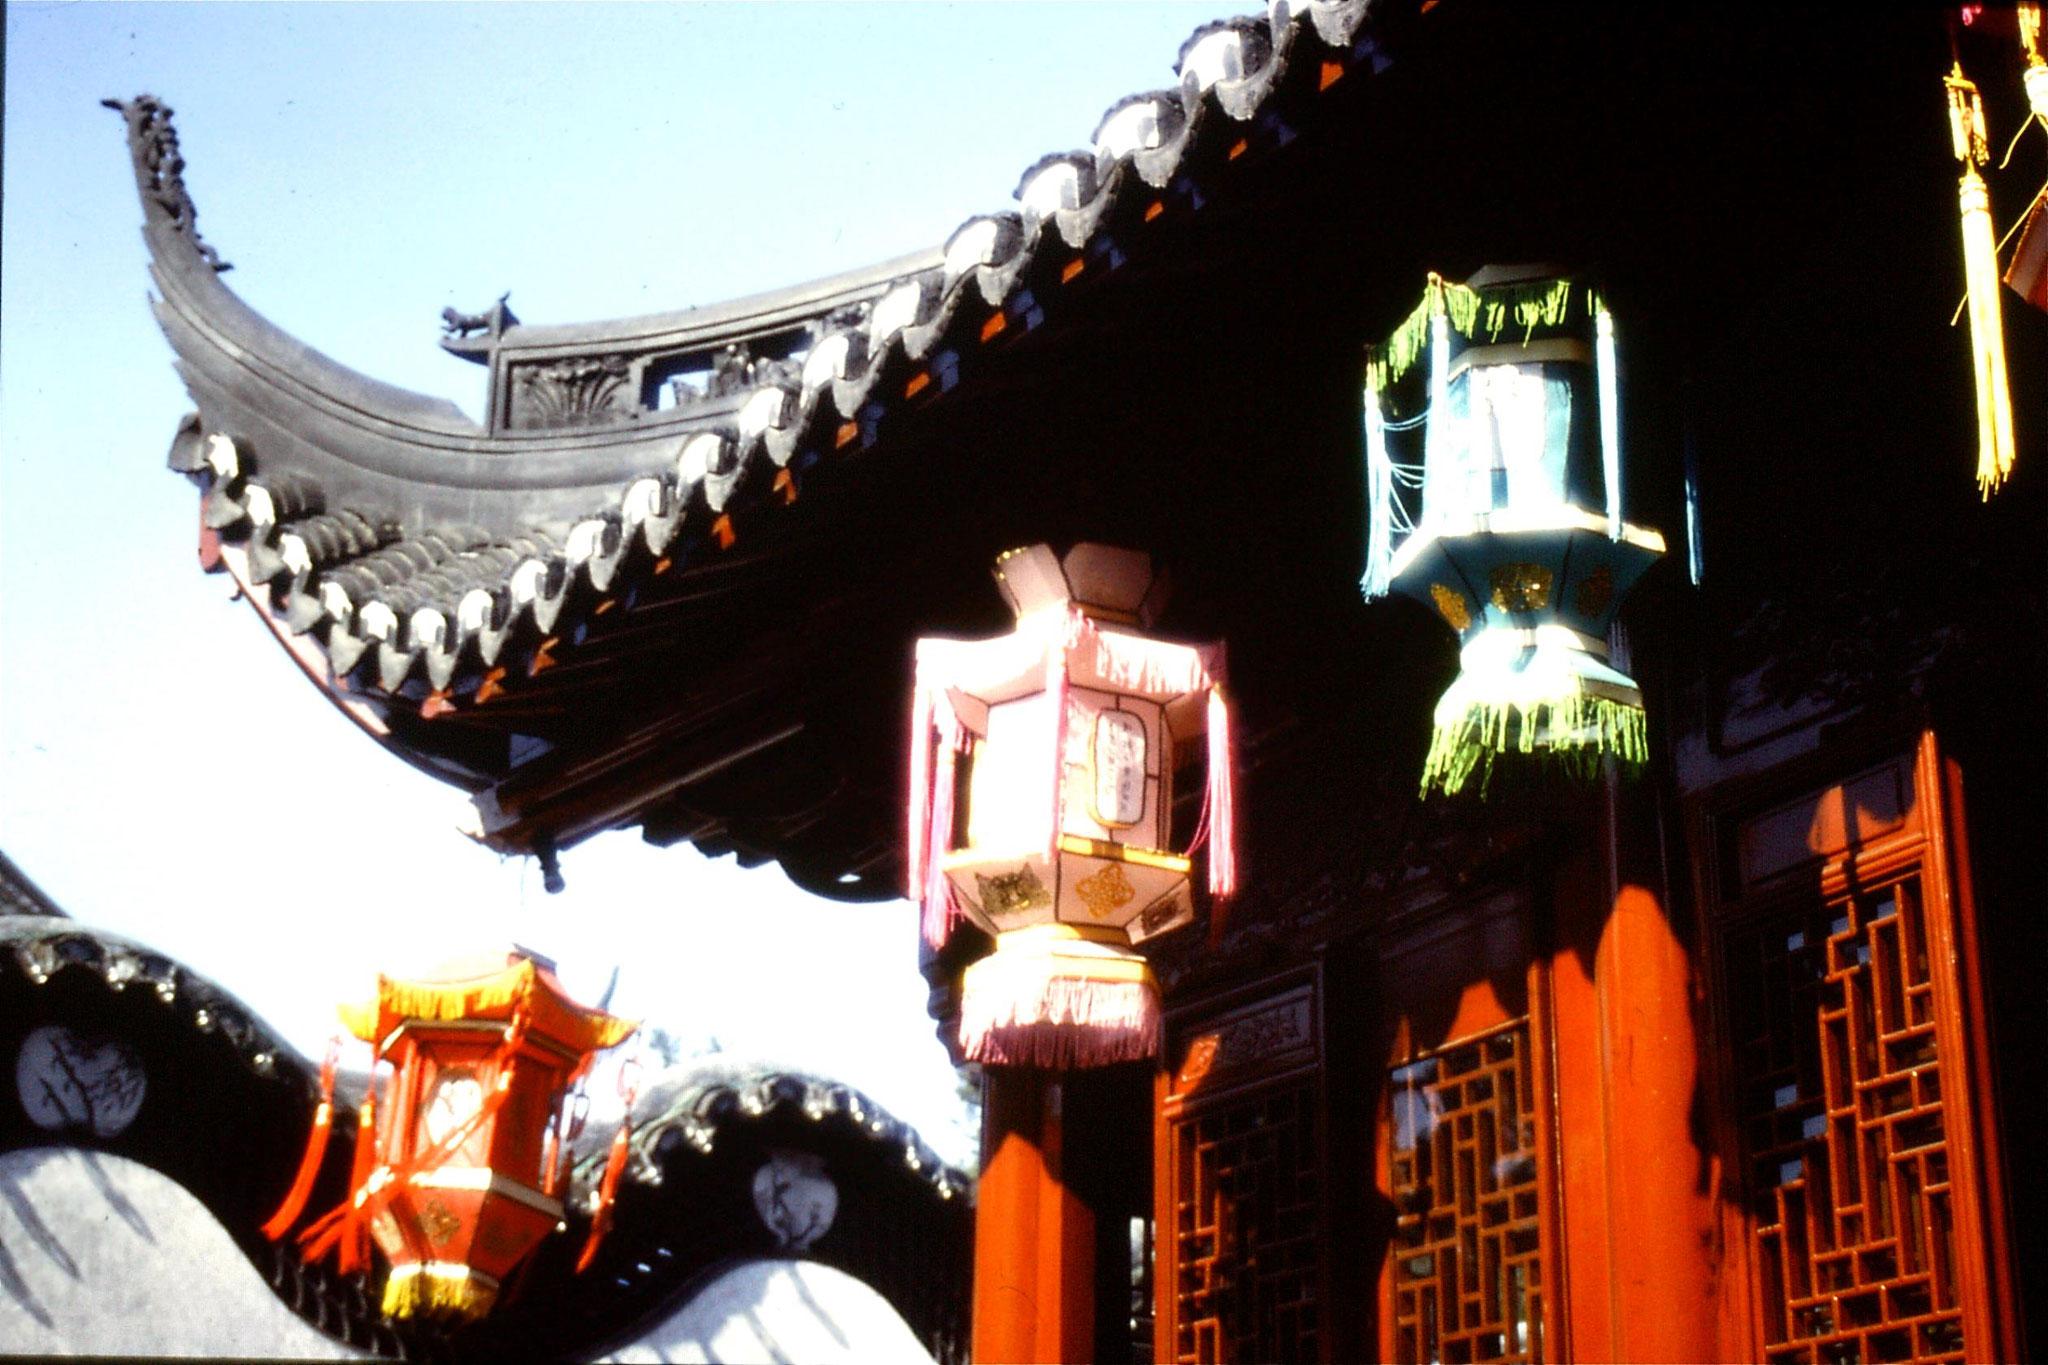 10/2/1989: 29: Yuyuan Gardens